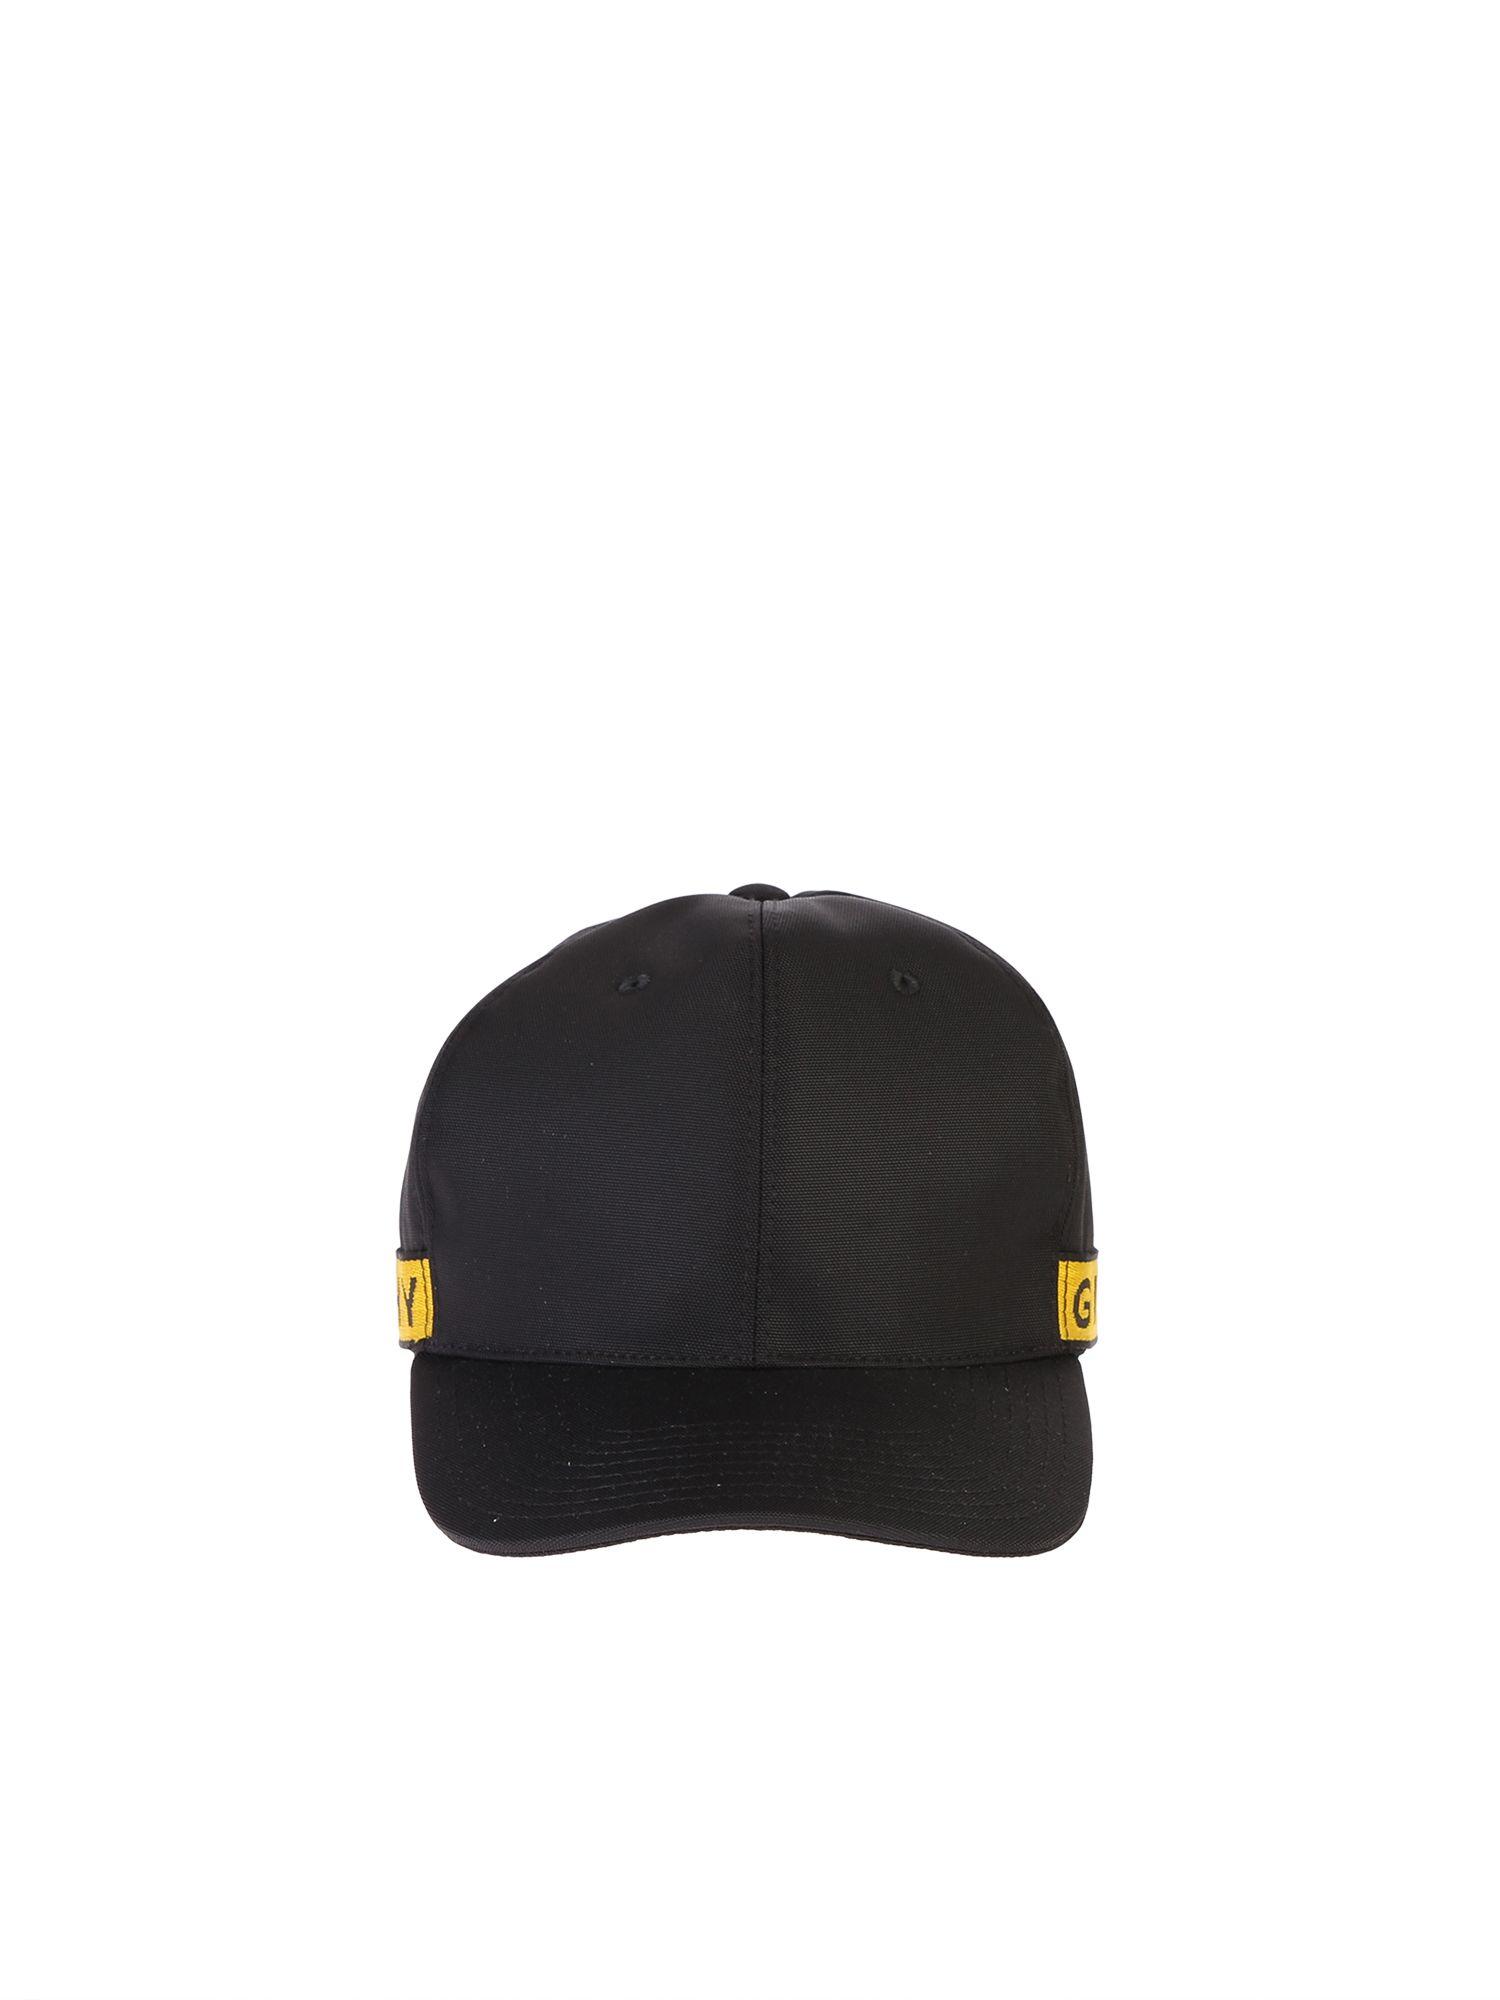 d24403999fc Givenchy Givenchy Logo Baseball Hat - Black - 10926138